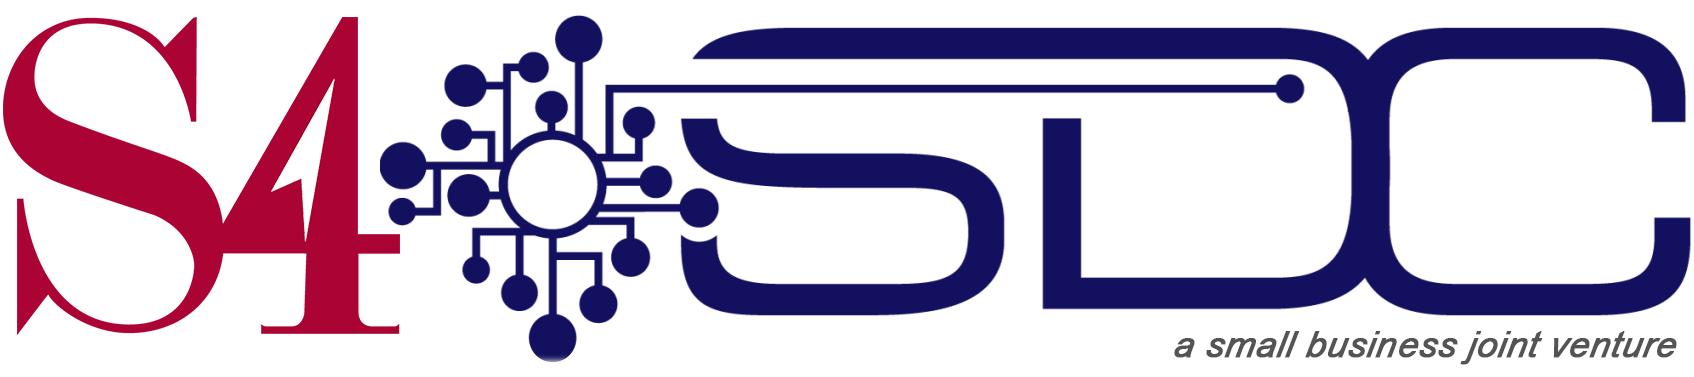 S4-SDC-JV LLC